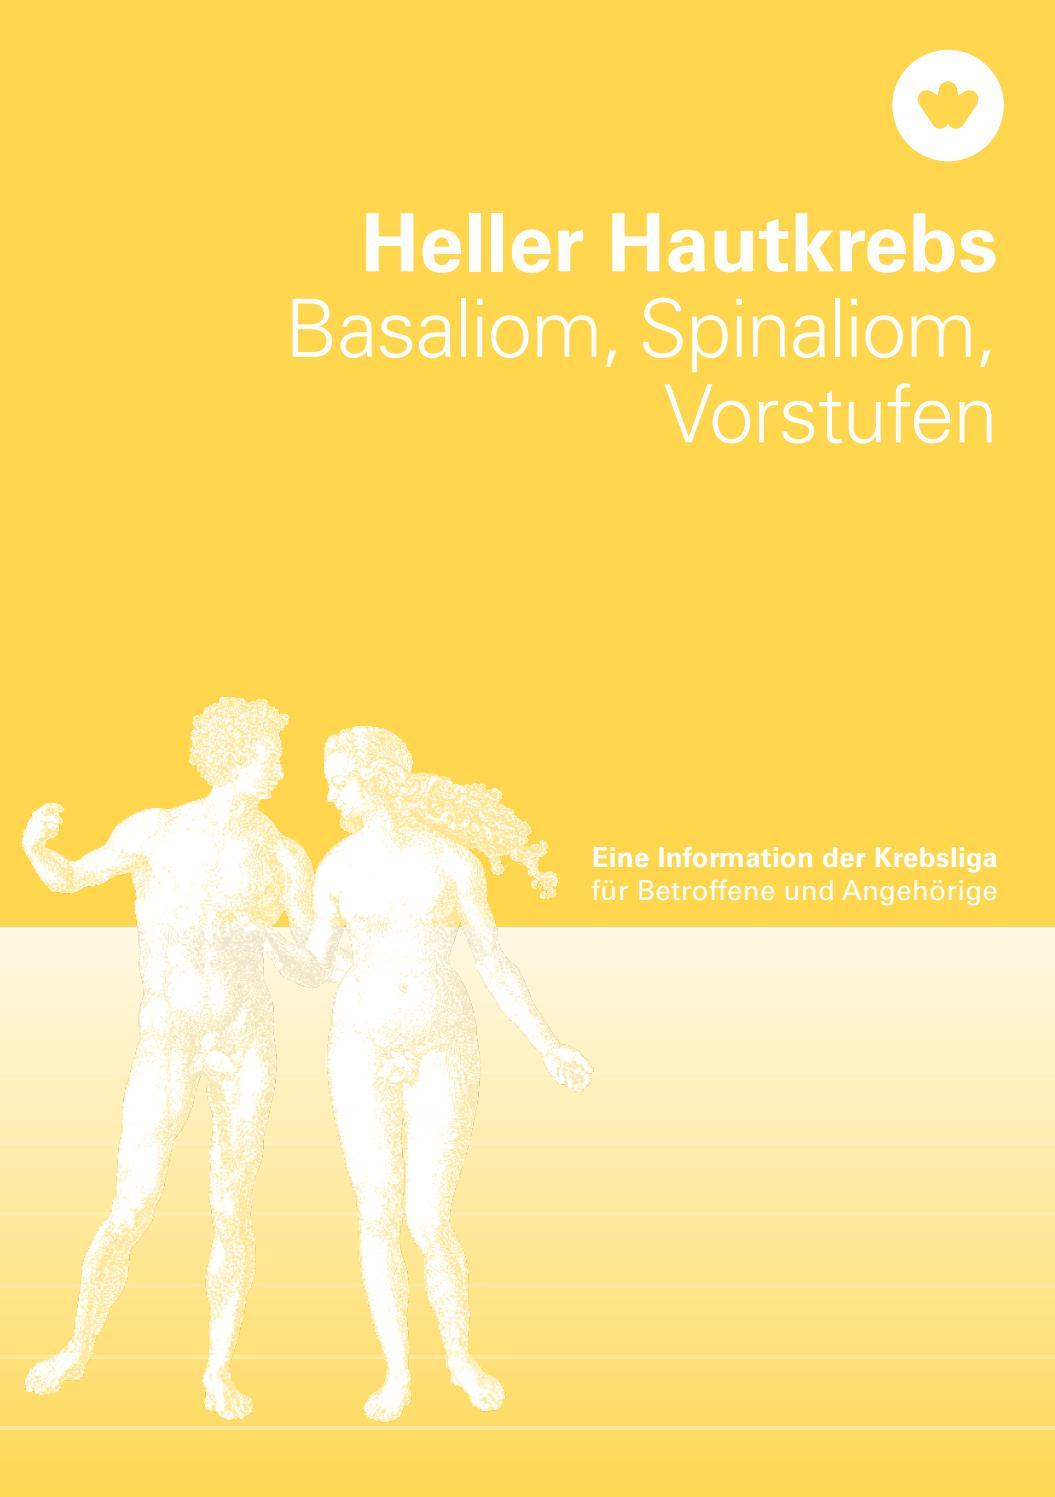 Heller Hautkrebs By Krebsliga Schweiz Issuu